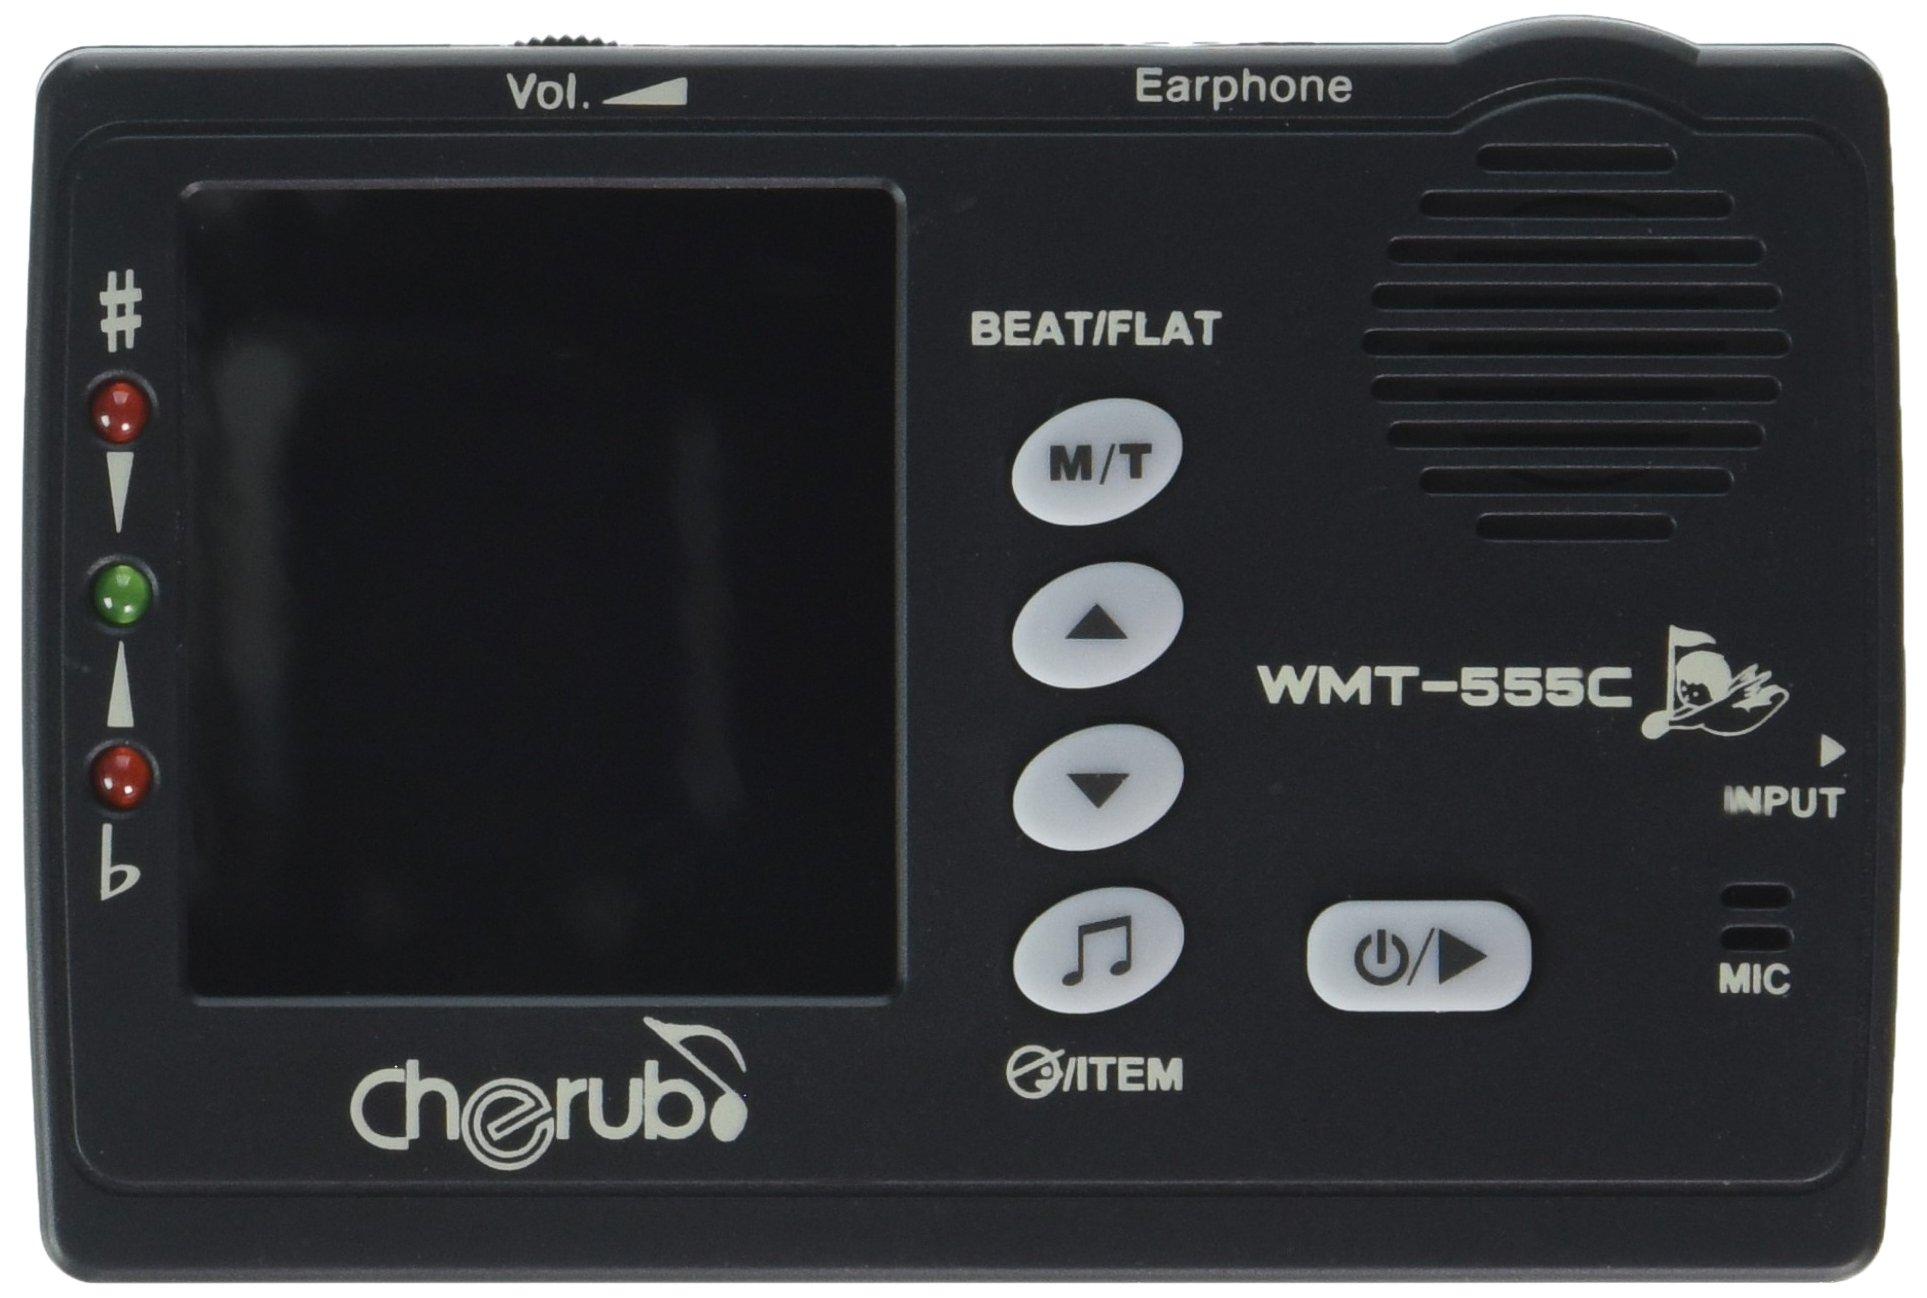 Cherub WMT-555C Tuner-Metronome Combo